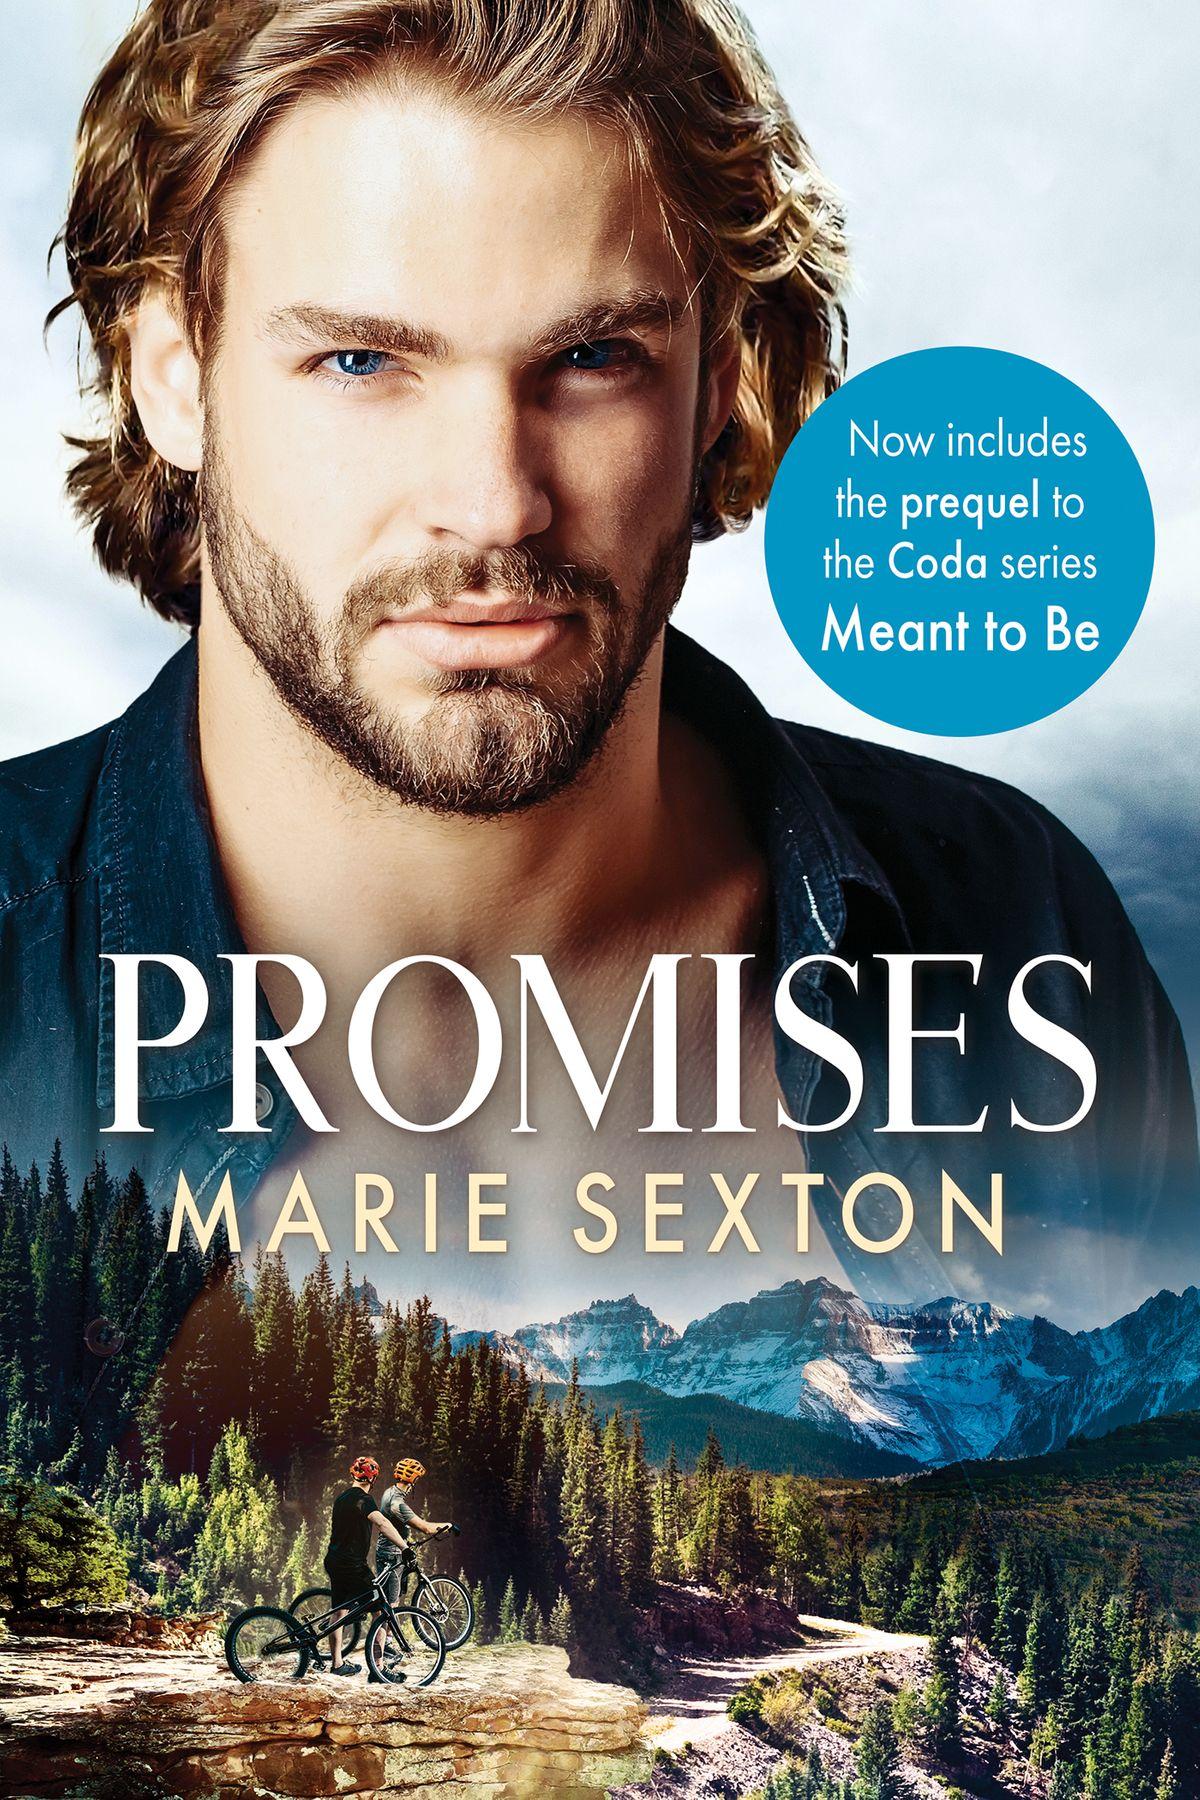 PromisesFS_V2.jpg